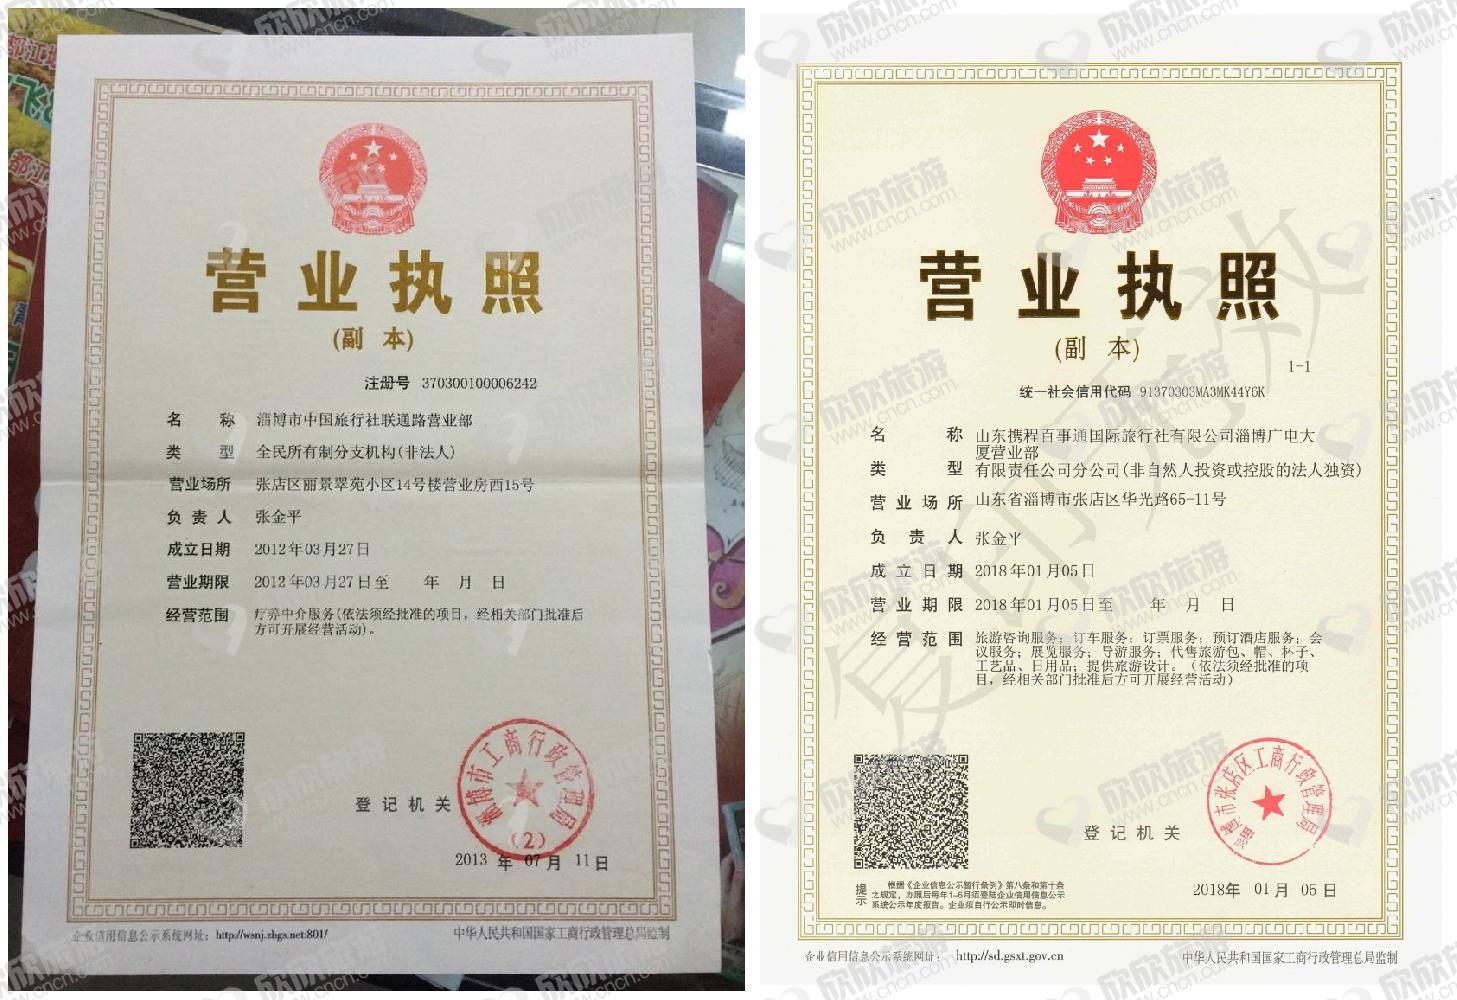 淄博市中国旅行社联通路营业部营业执照